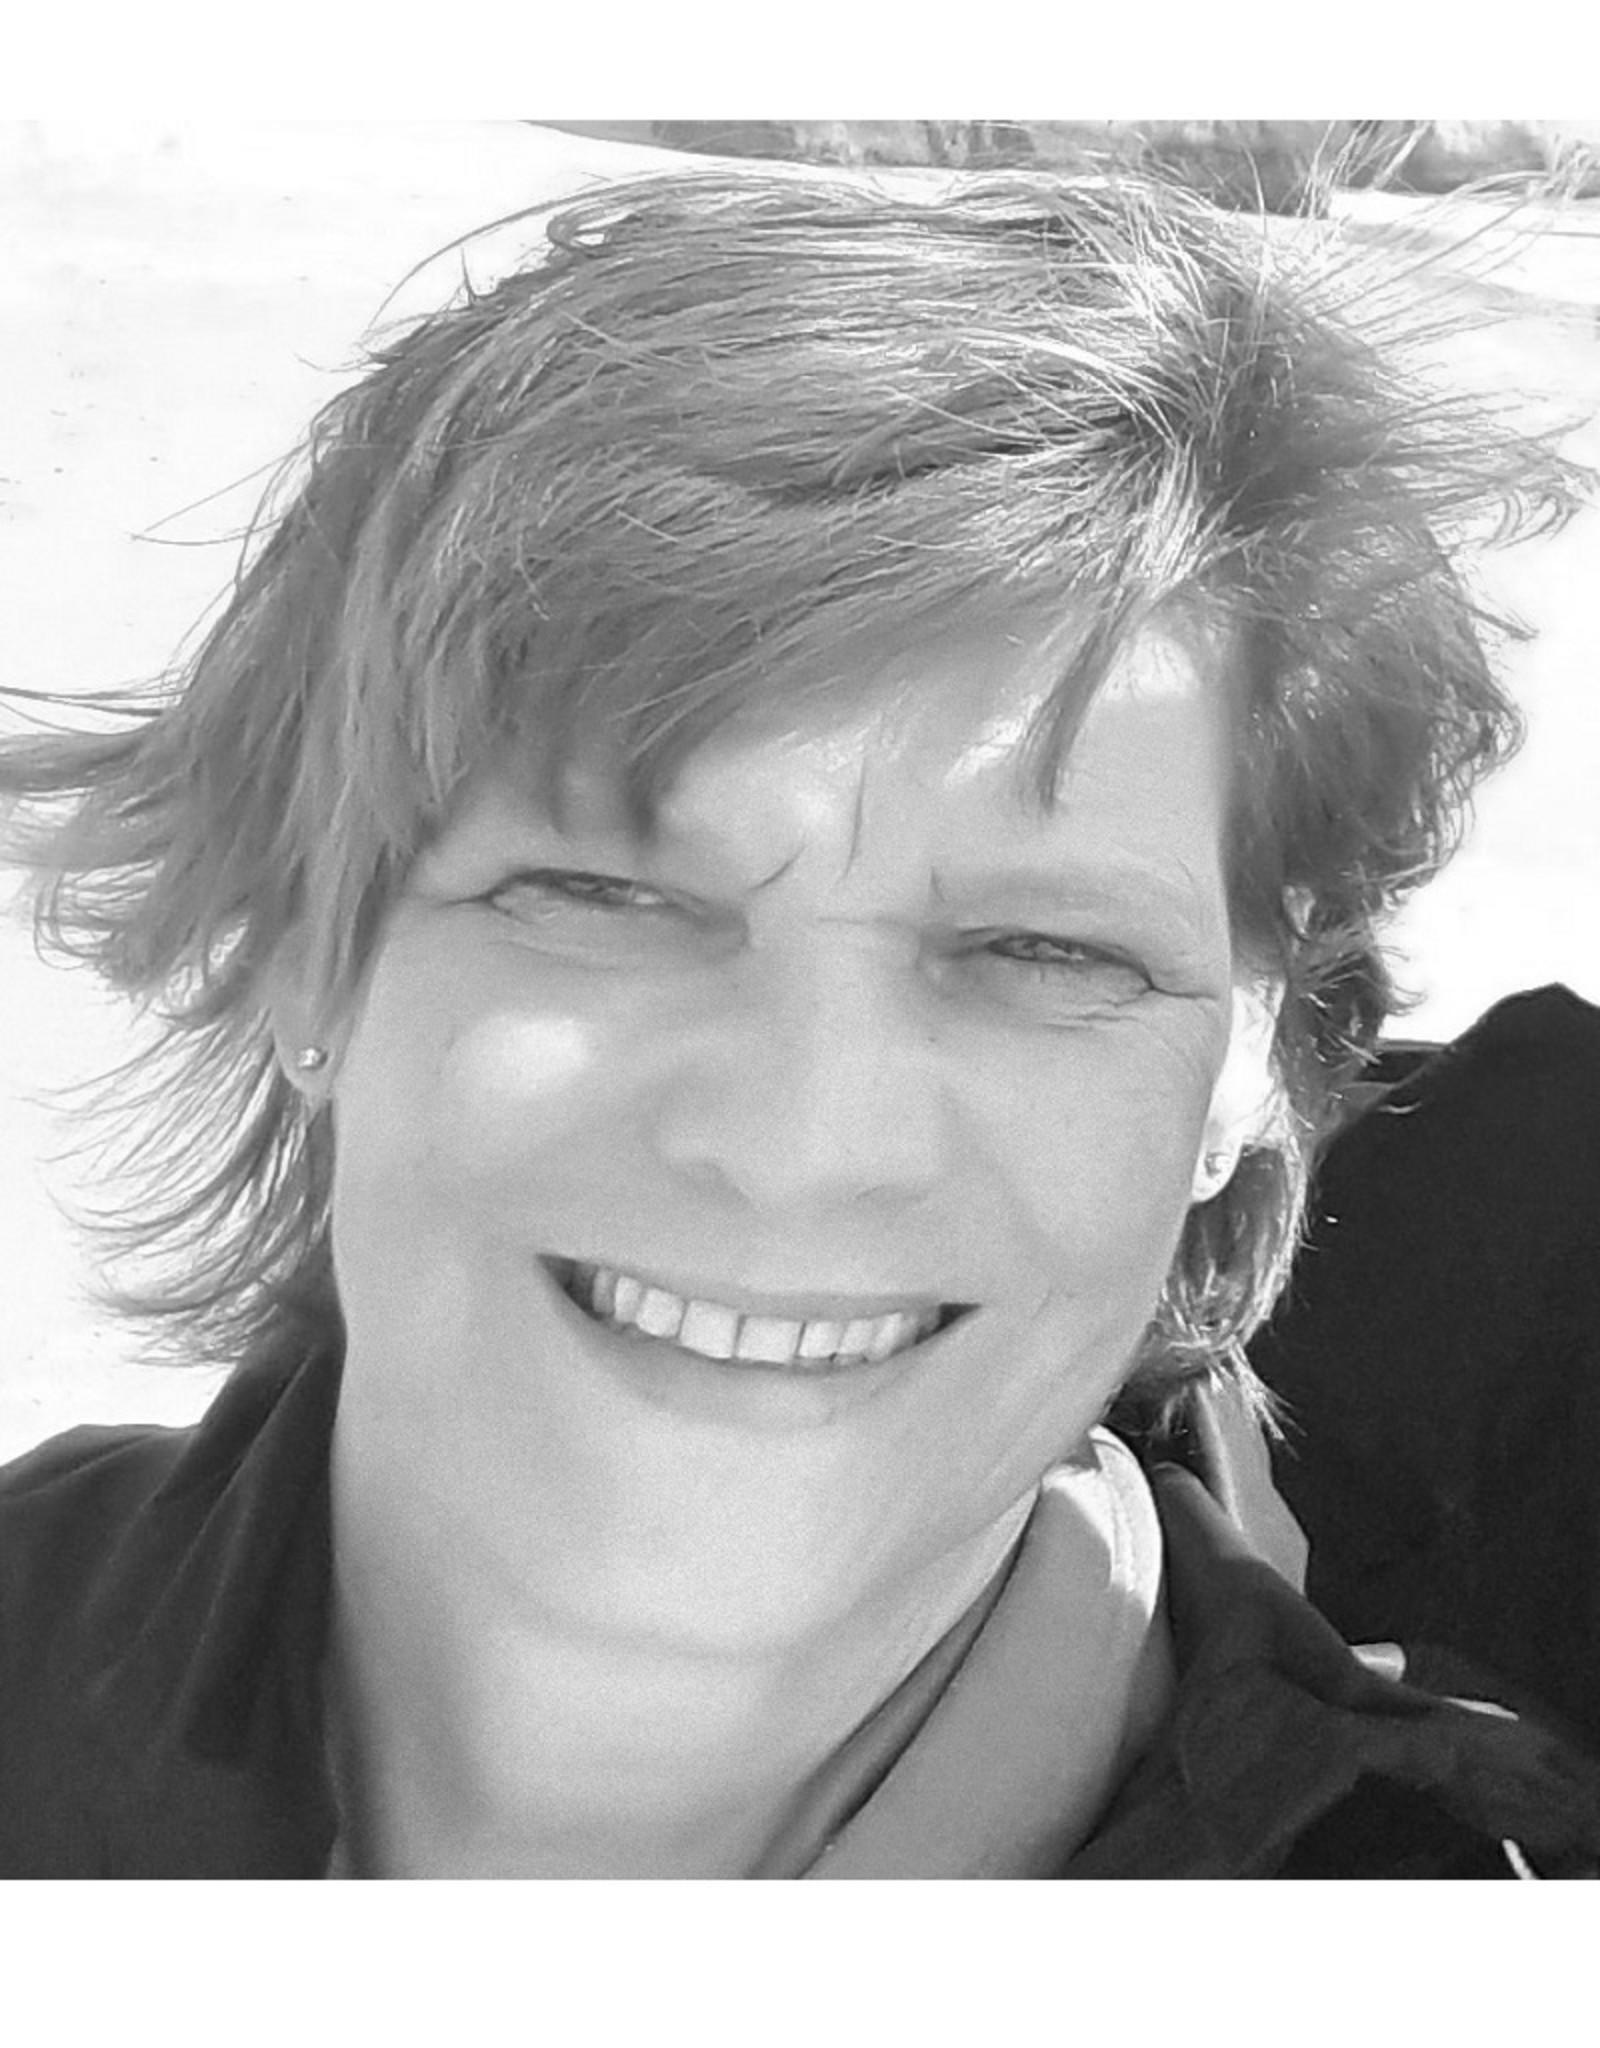 ARRÊTEZ - Buccaux par Sylvia Essenberg -Pays Bas